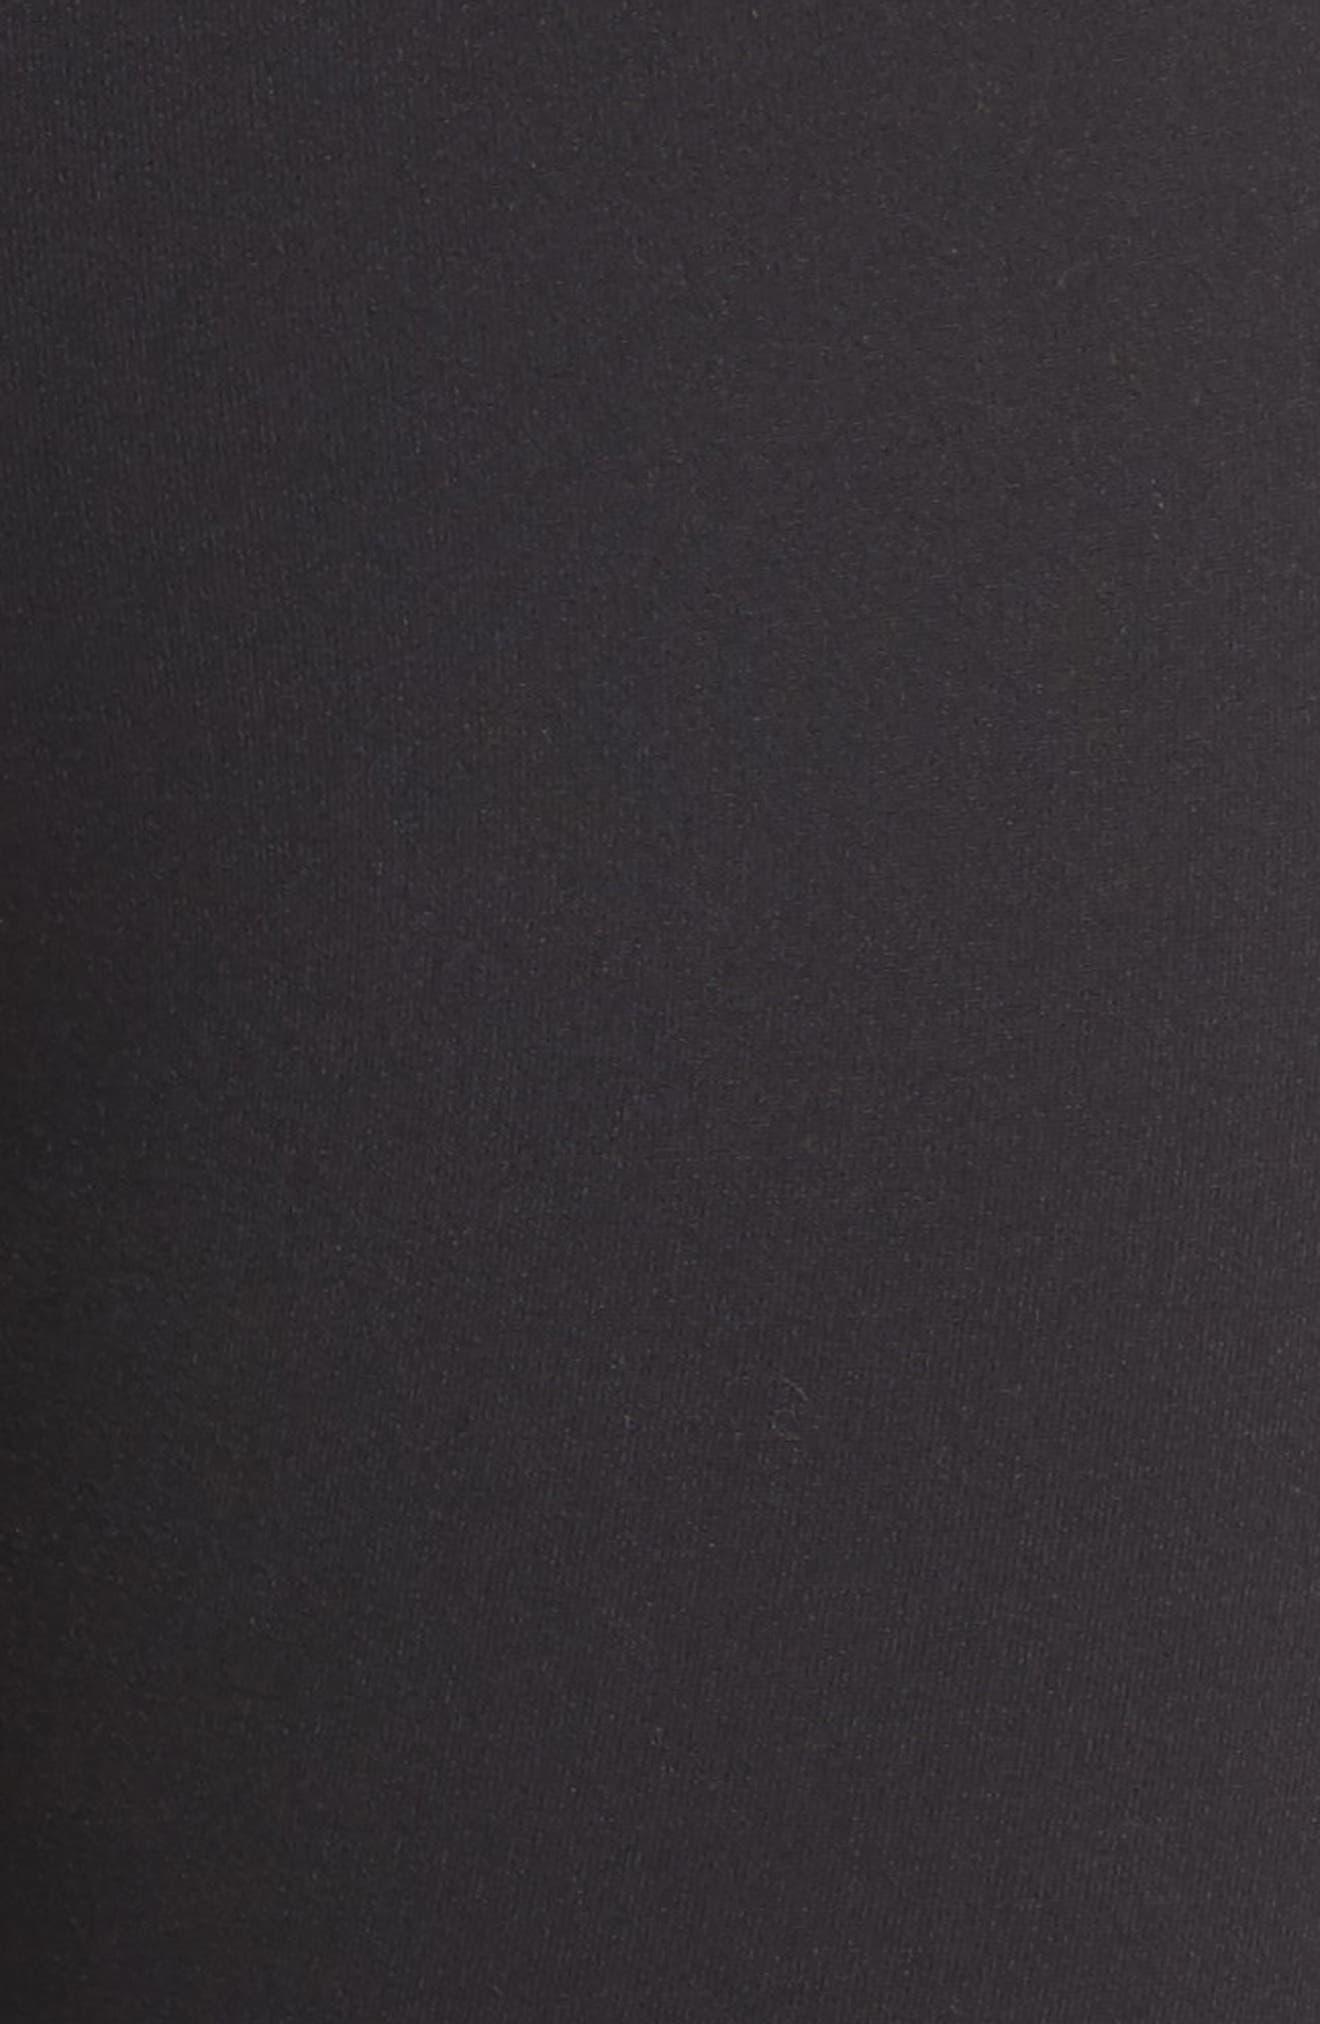 Covet High Waist Midi Leggings,                             Alternate thumbnail 6, color,                             Black